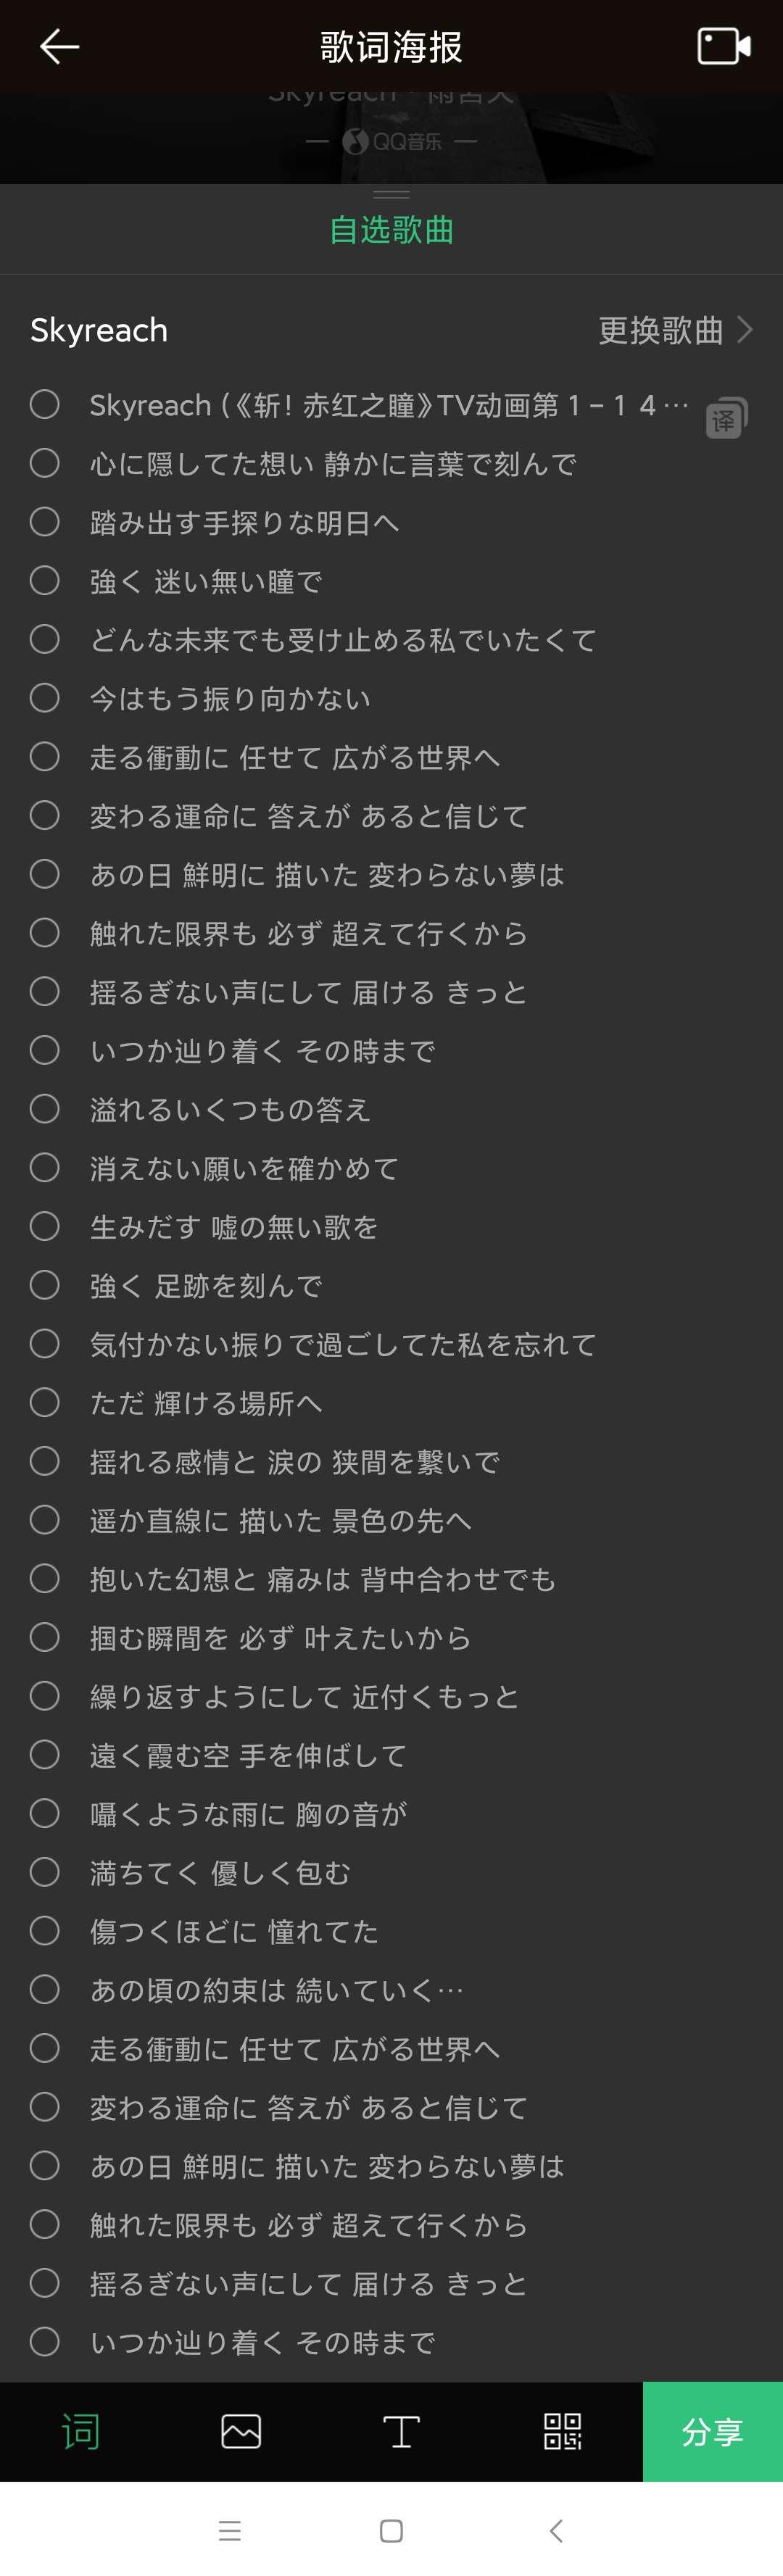 【动漫音乐】Skyreach